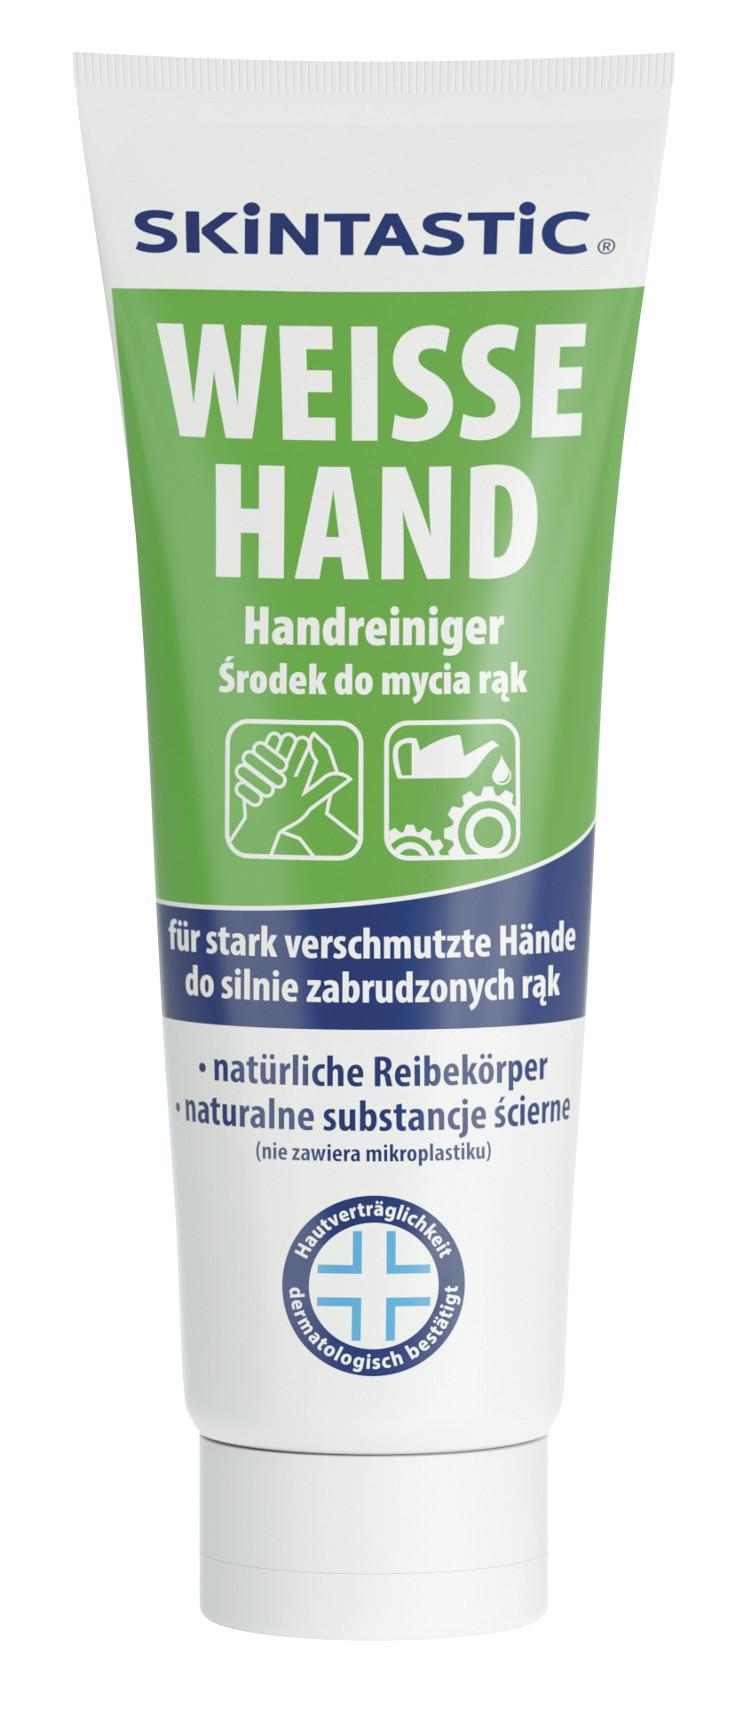 Skintastic Weiße Hand Hautreinigungscreme, mit Reibekörpern, 1 Tube, 250 ml